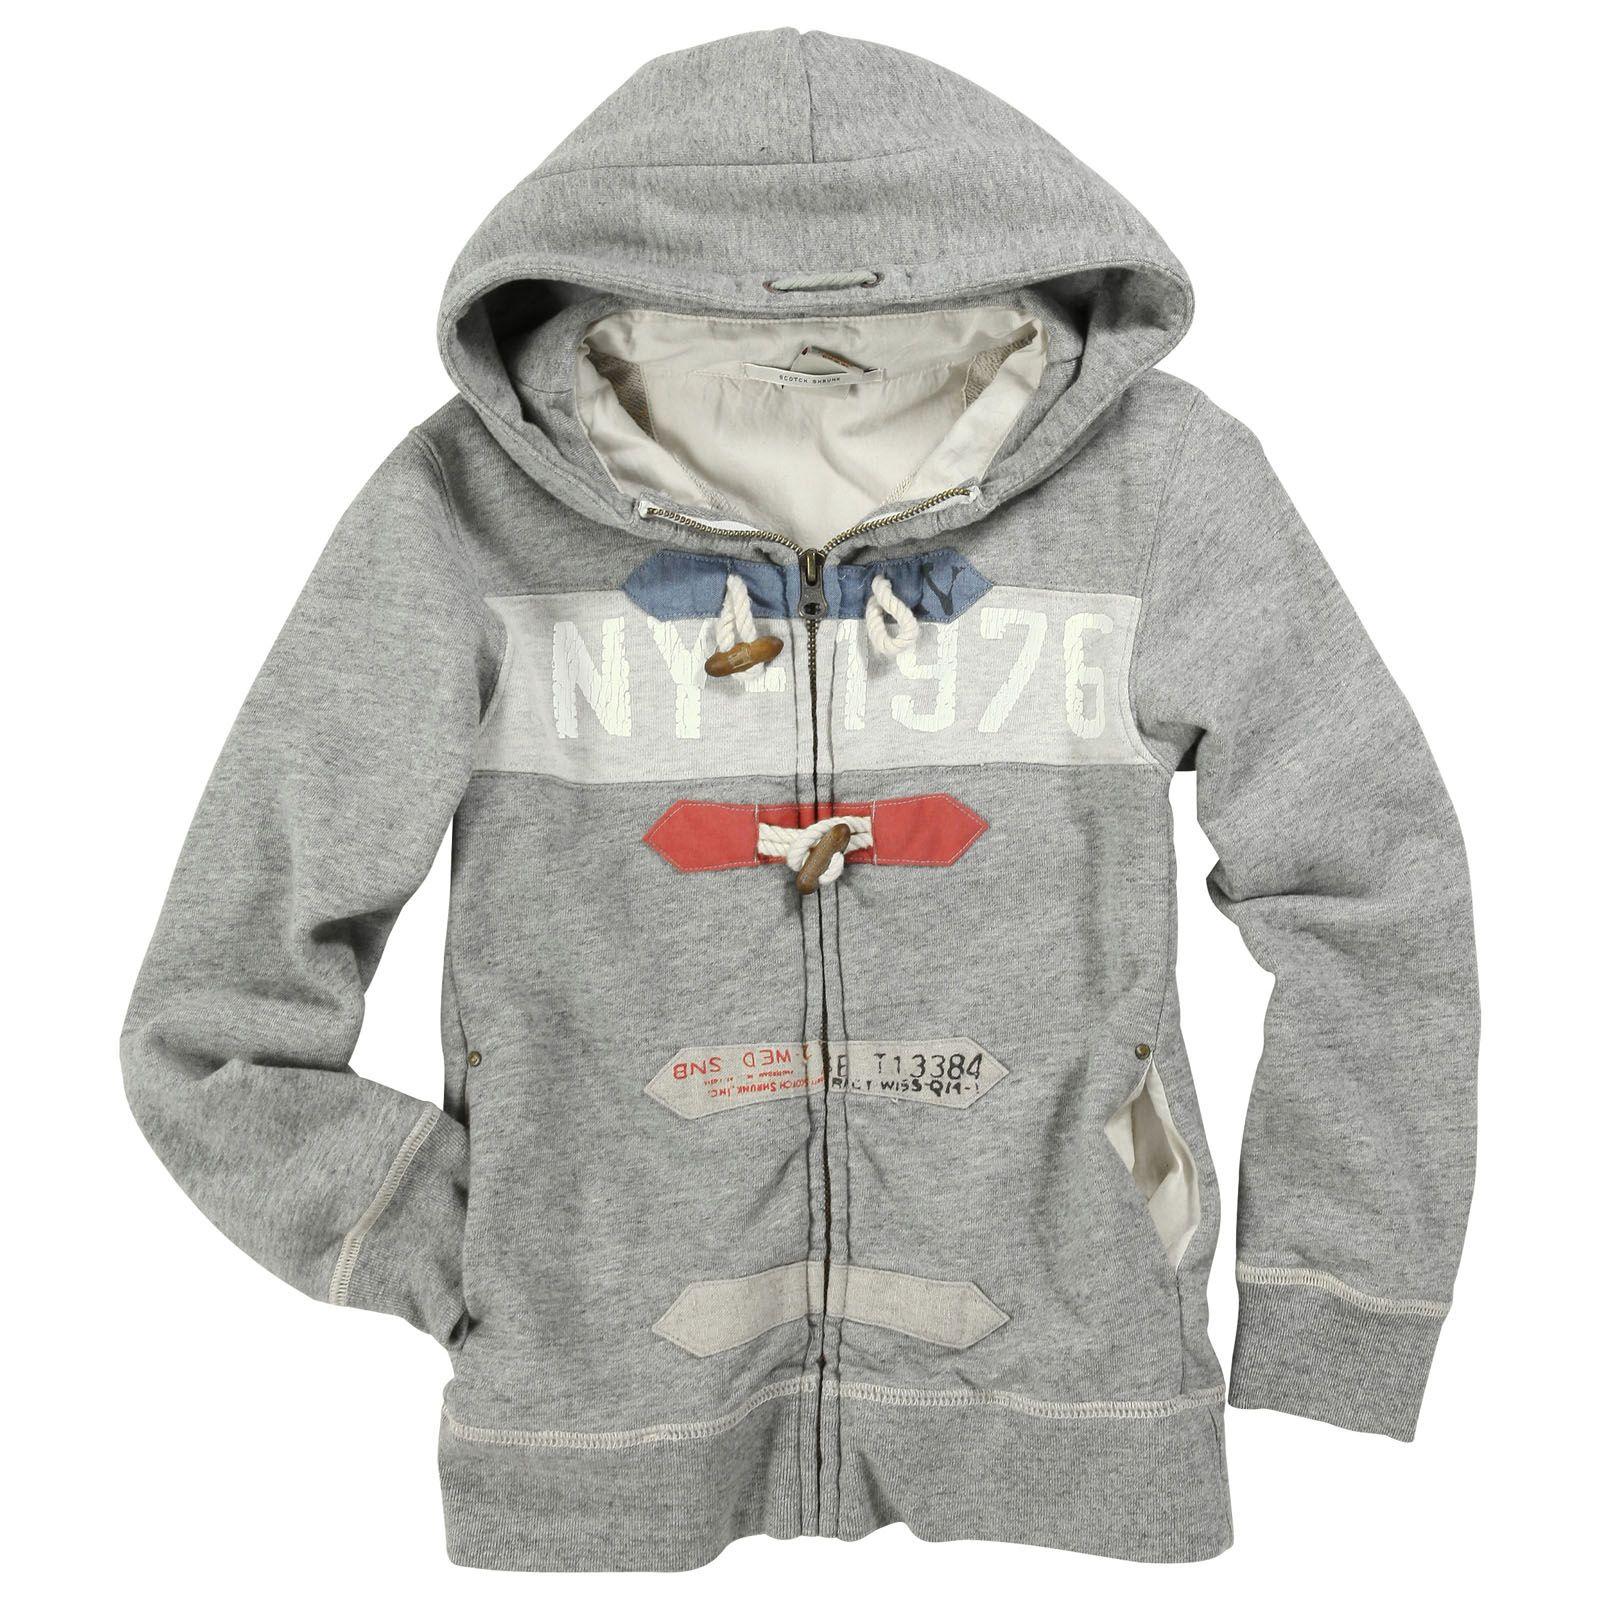 9b6db2bd2 Scotch   Soda Heather grey flannelette hoodie Grey - 32791